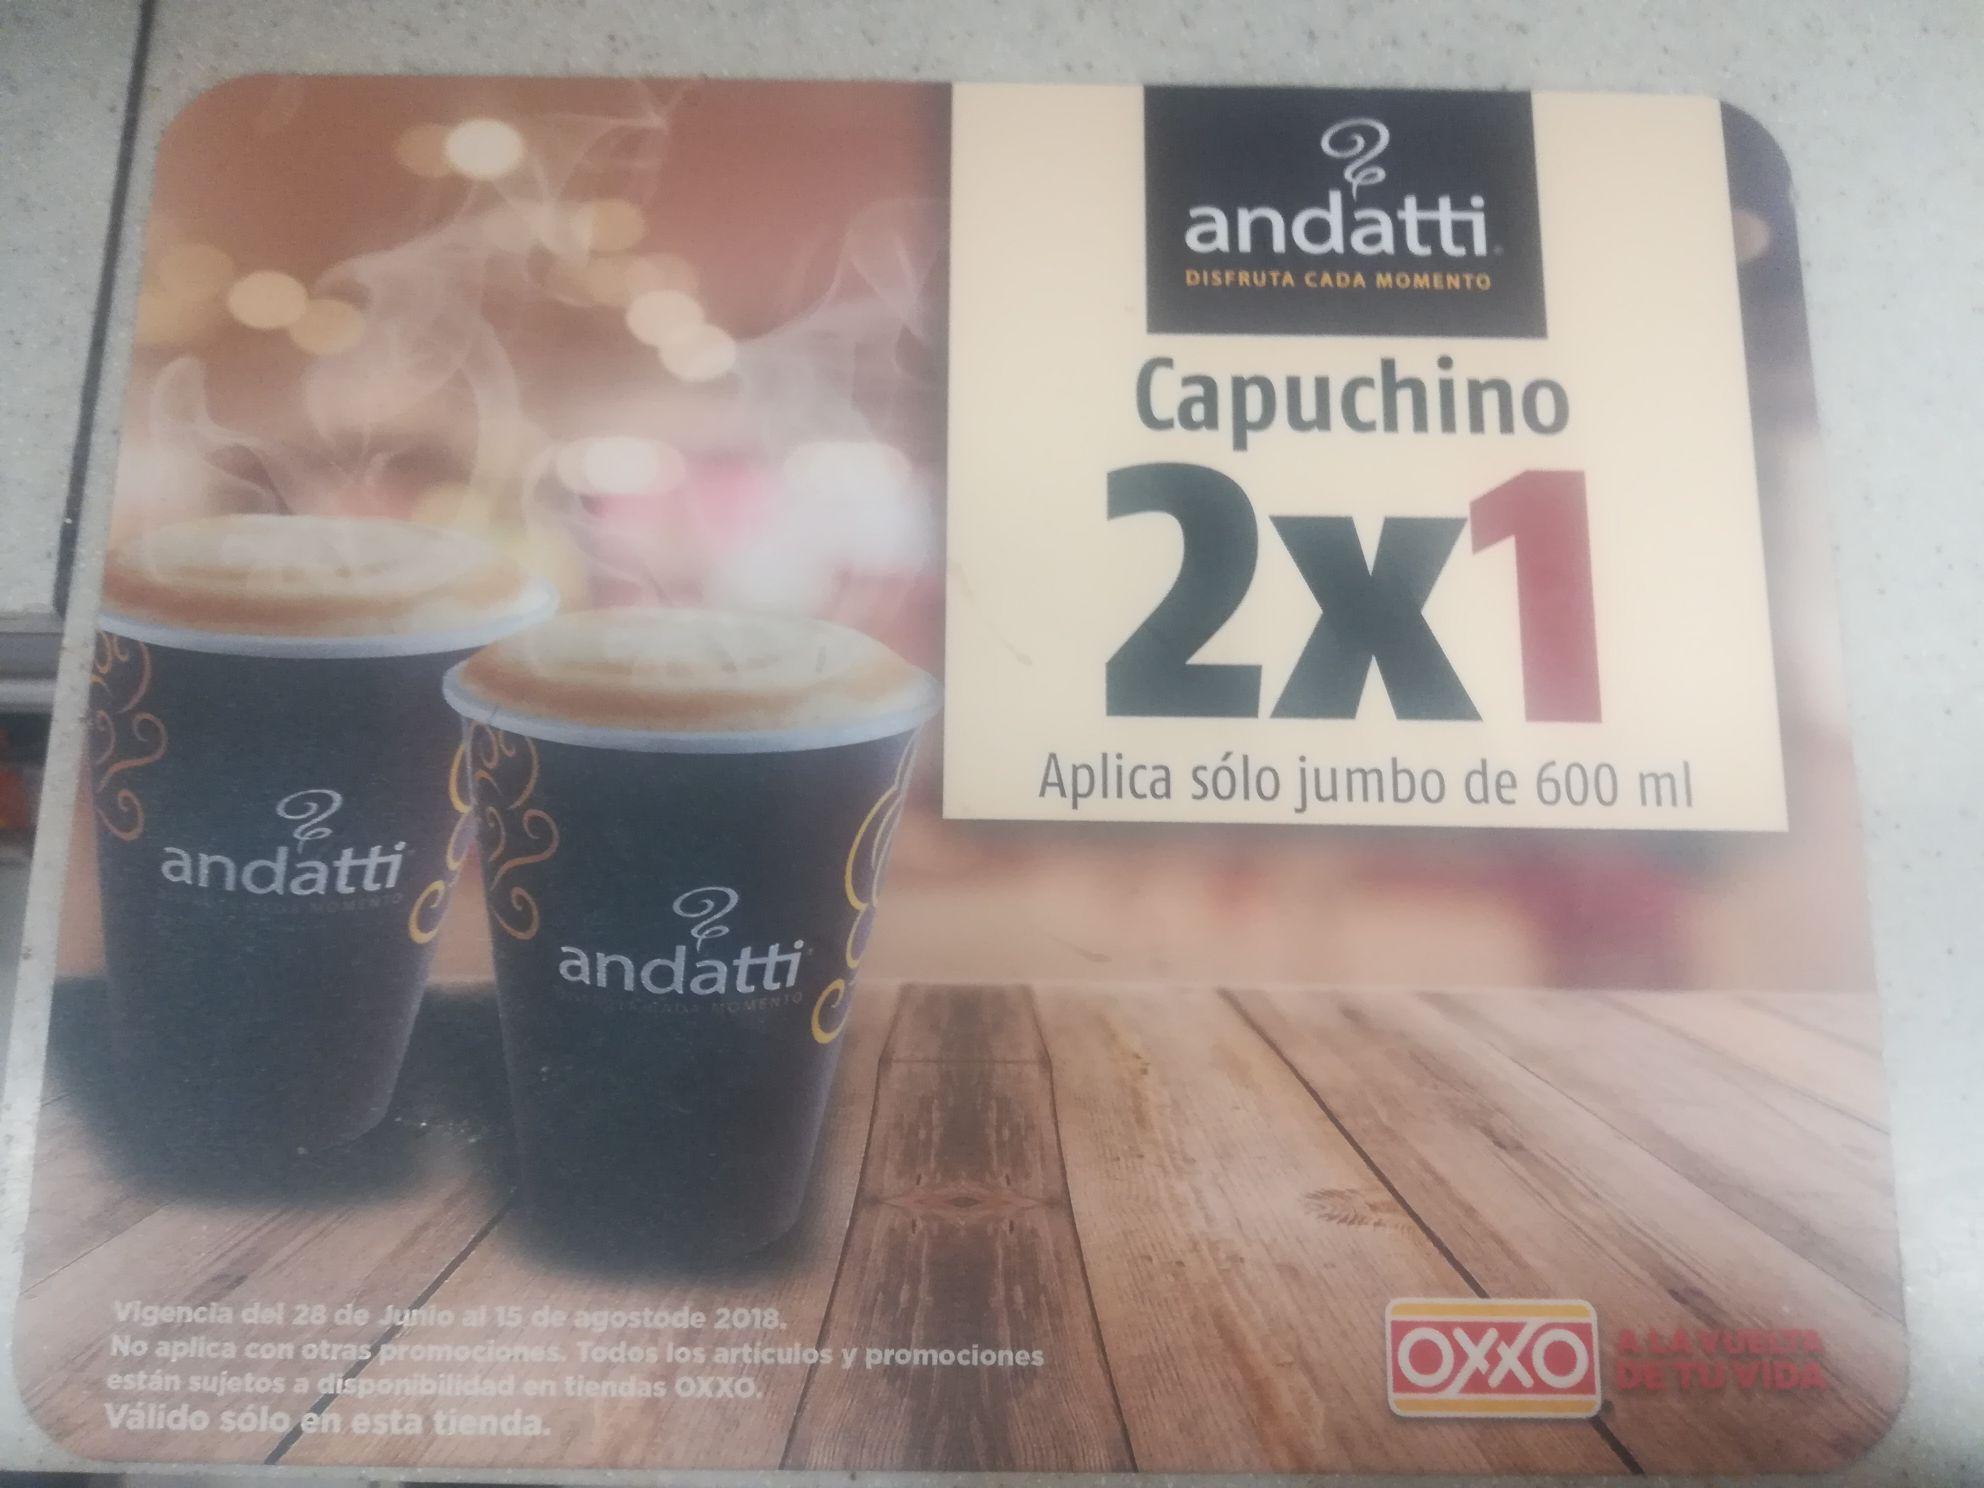 Oxxo: Andatti Jumbo 2x1